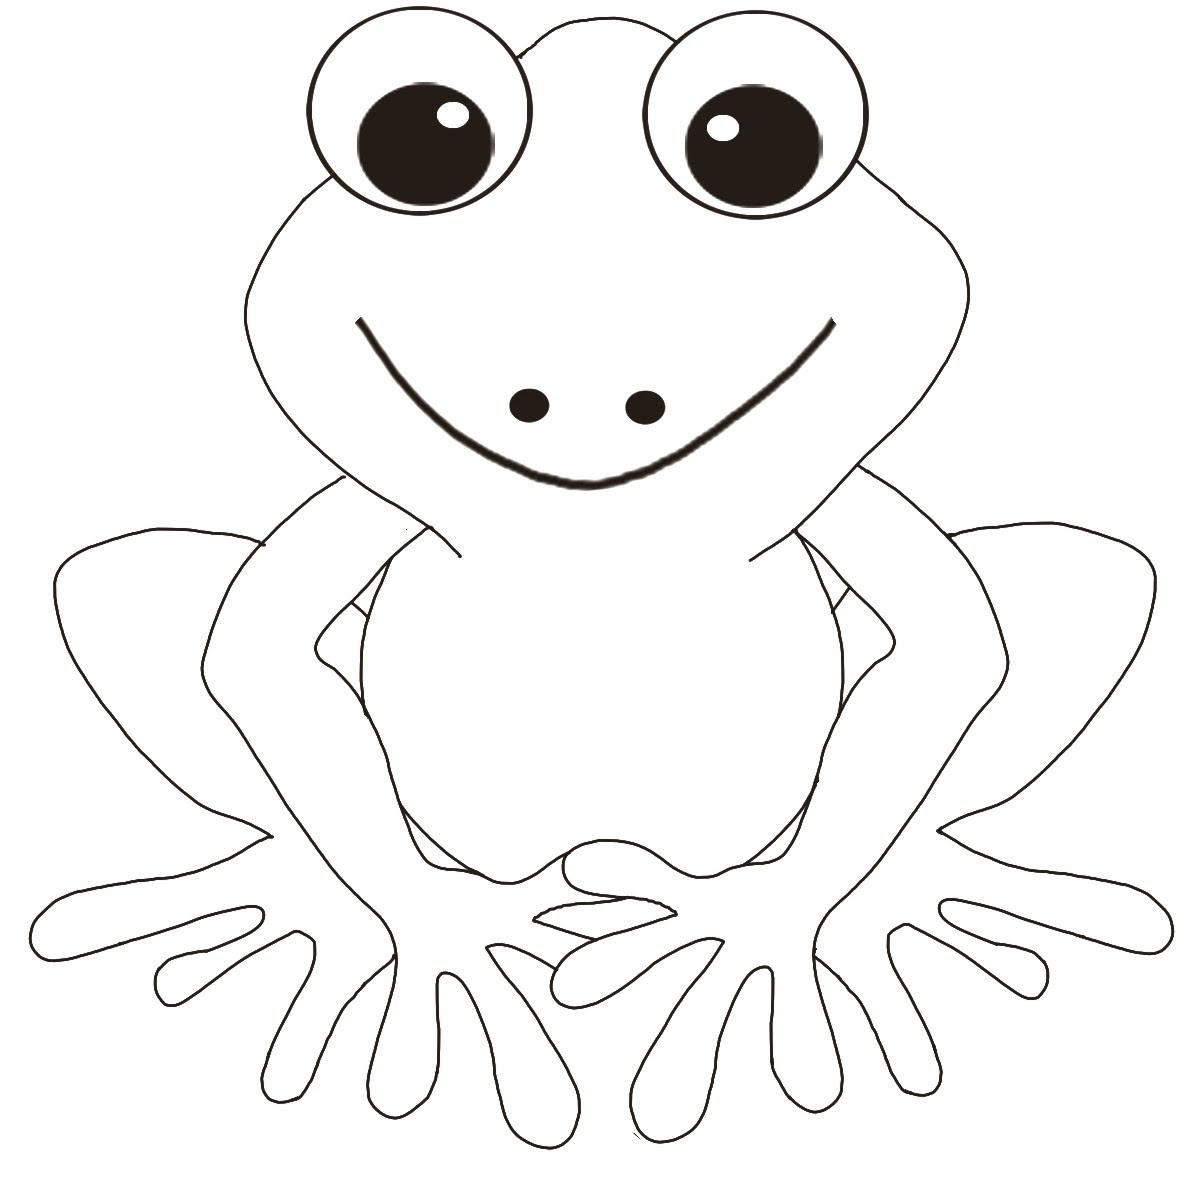 gratuit  imprimer grenouille dessins  colorier pour enfants